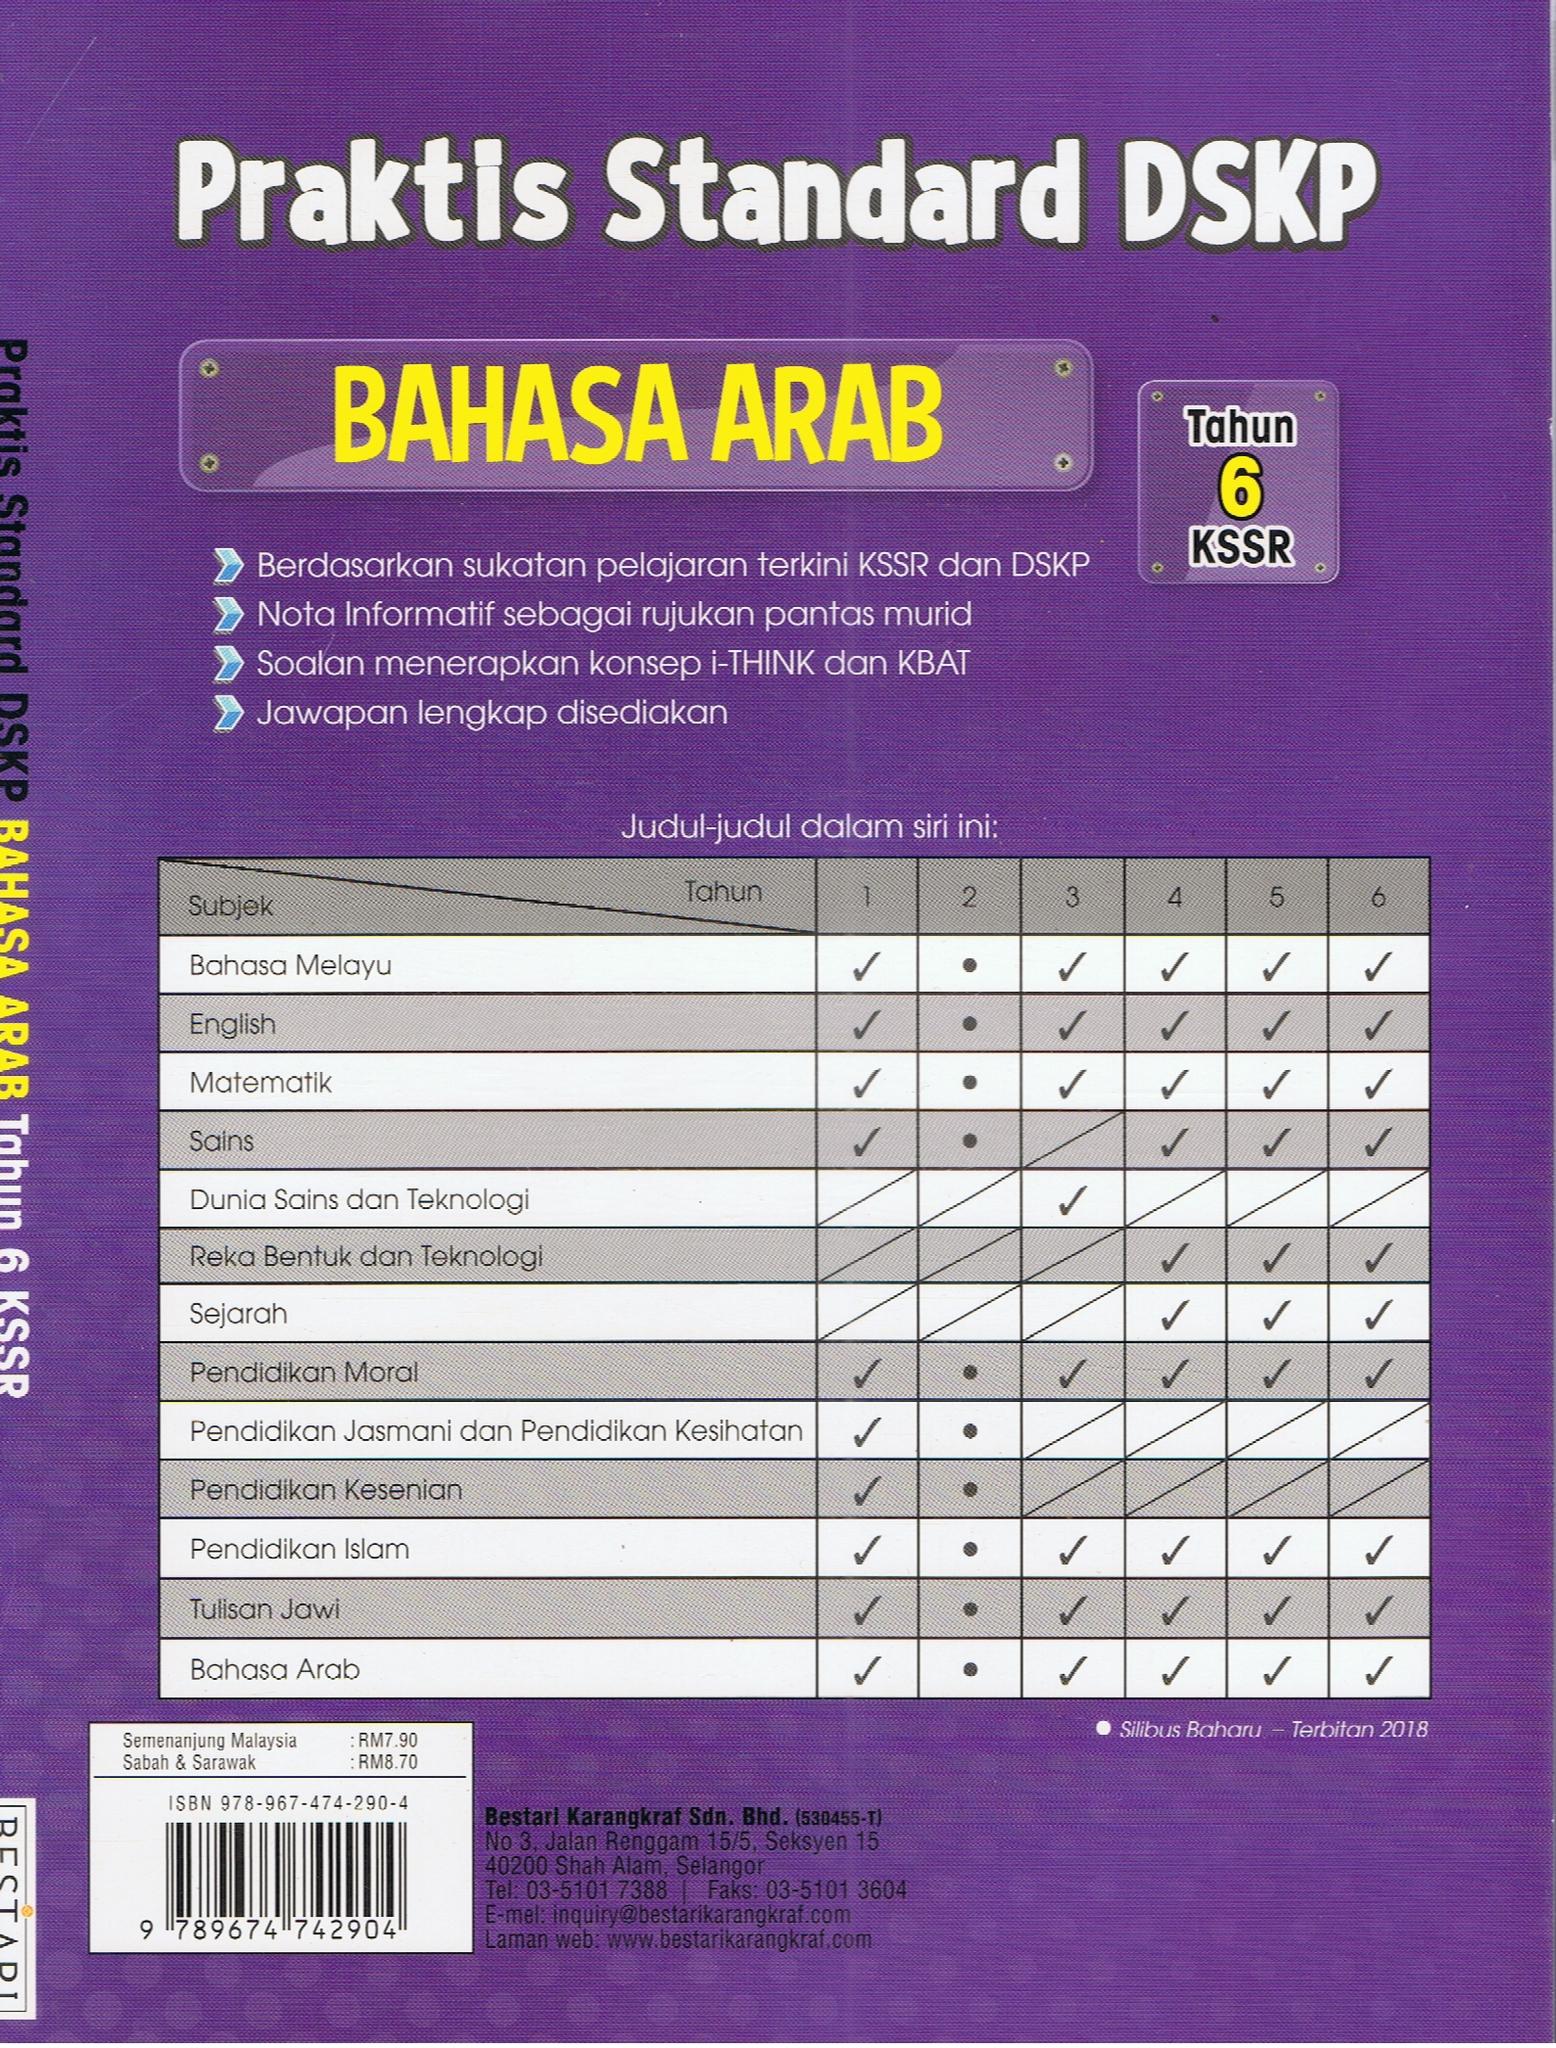 Download Dskp Pendidikan Kesihatan Tahun 6 Penting Praktis Standard Dskp Bahasa Arab Tahun 6 Bukudbp Com Of Muat Turun Dskp Pendidikan Kesihatan Tahun 6 Yang Power Khas Untuk Para Guru Download